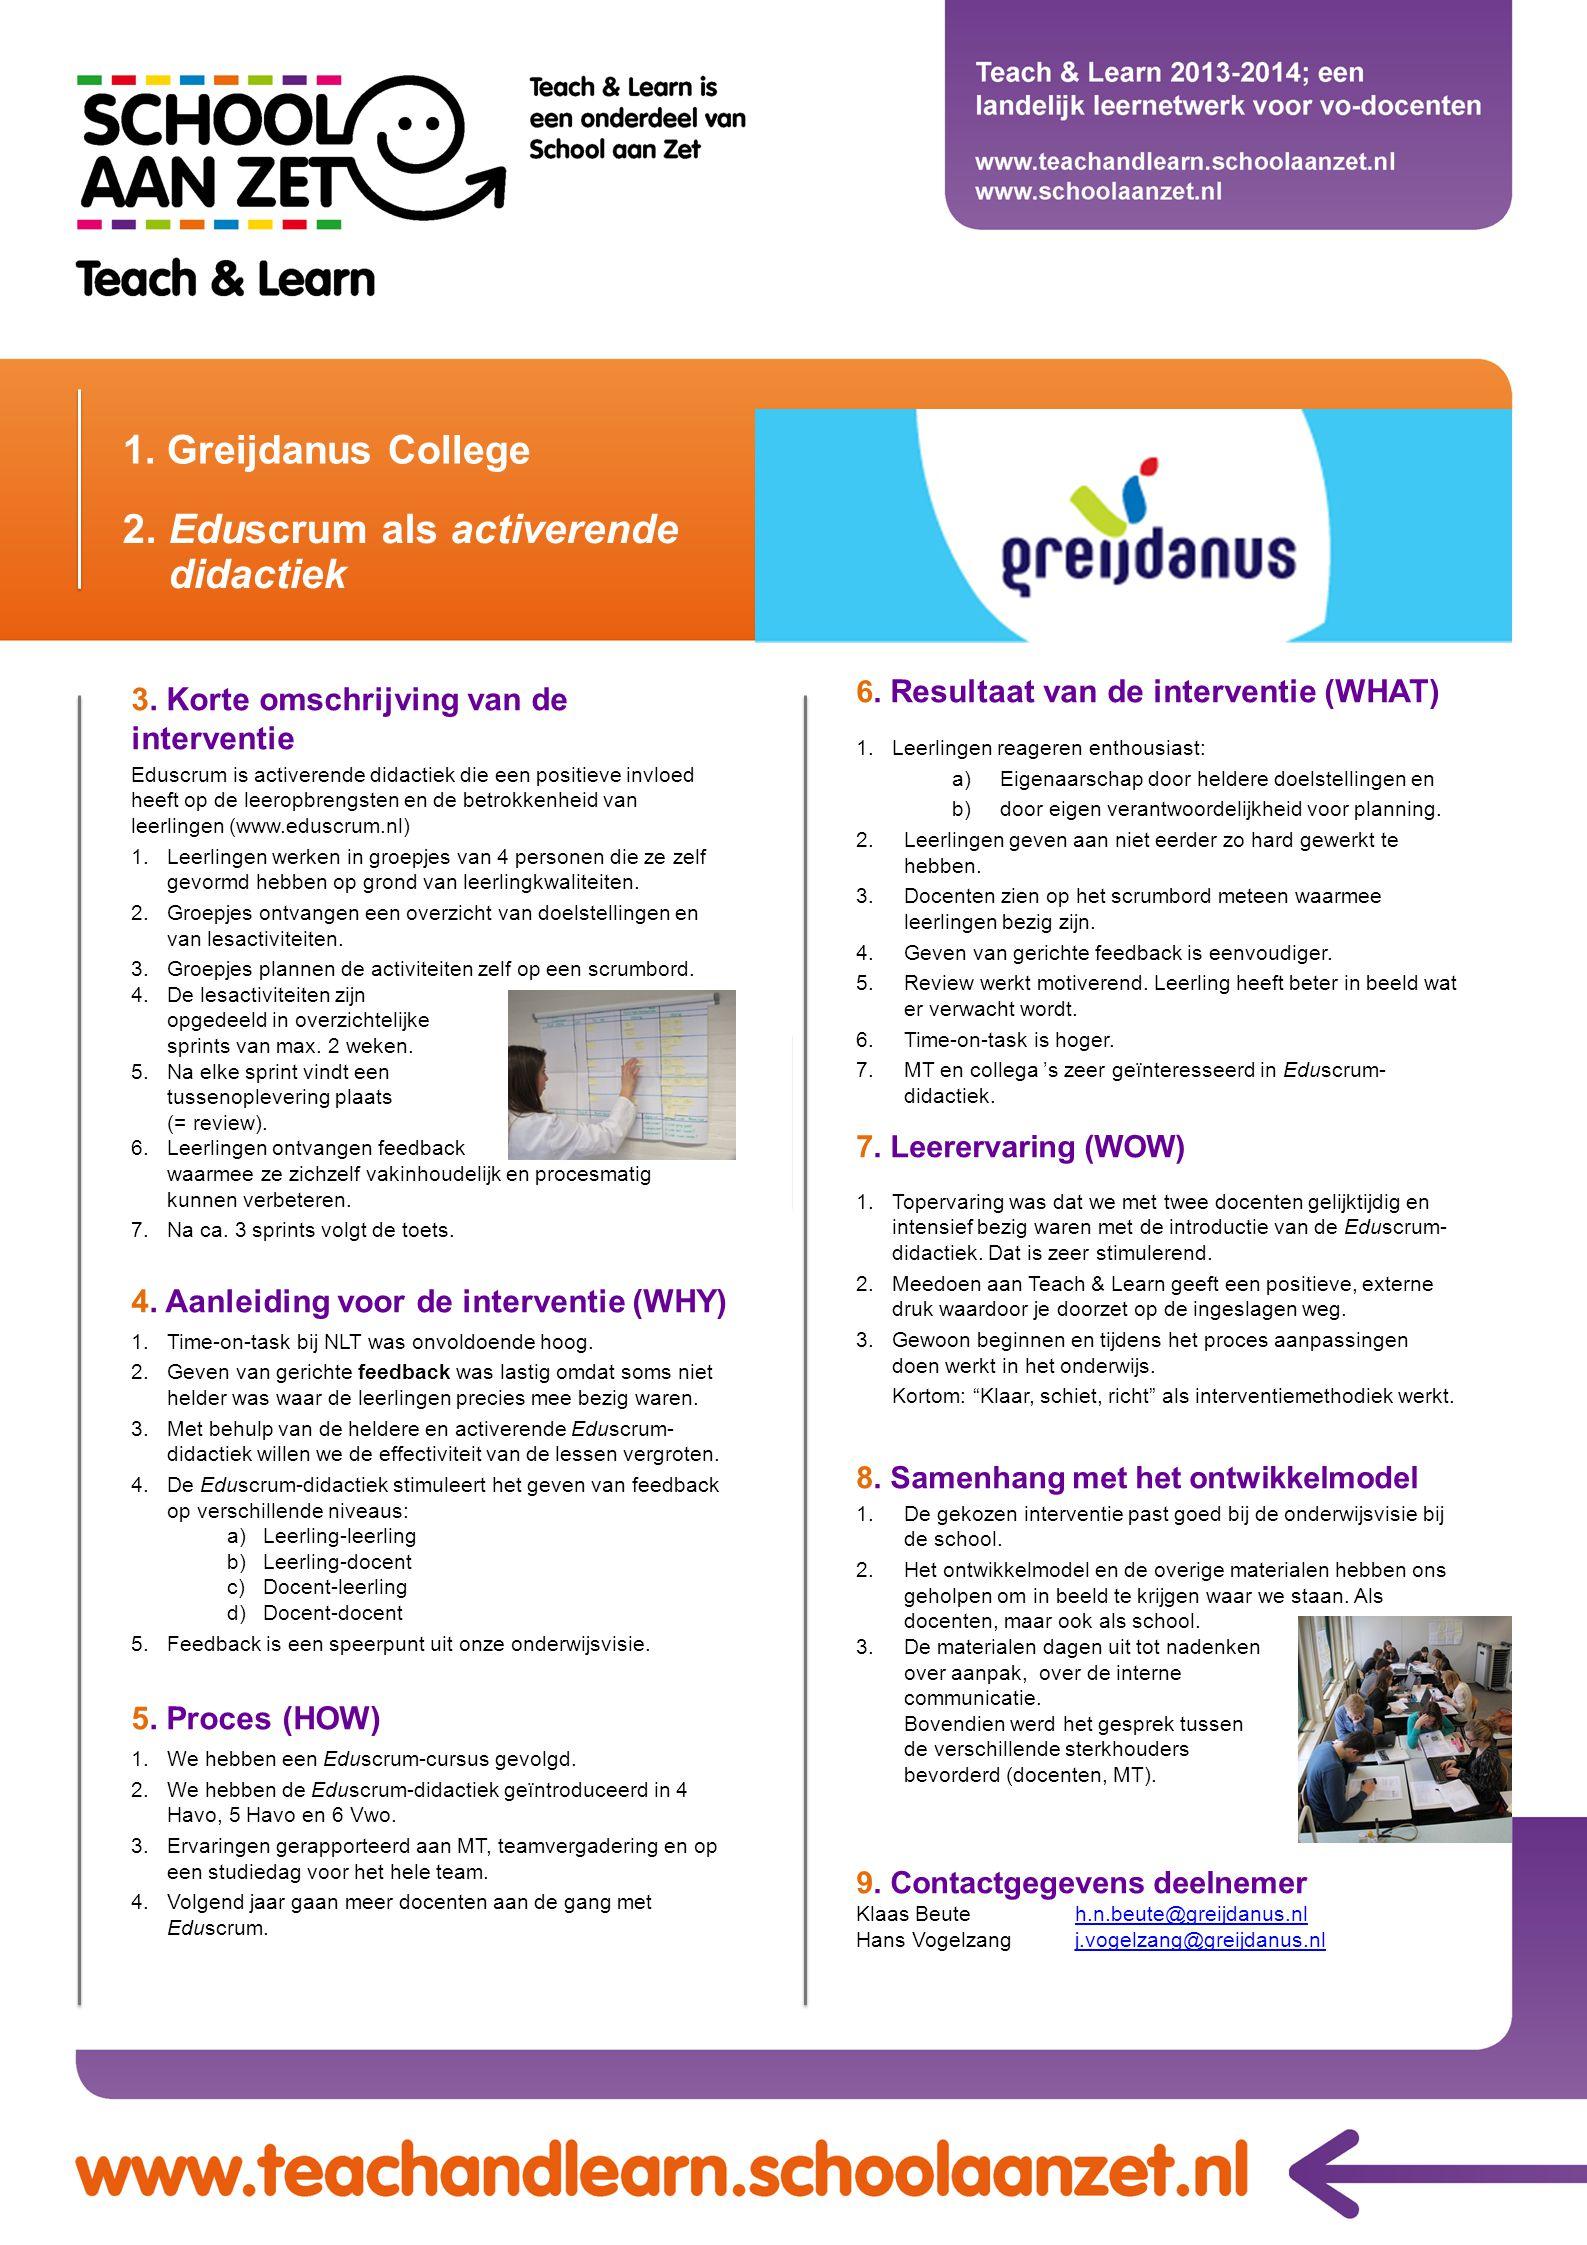 1. Greijdanus College 3. Korte omschrijving van de interventie Eduscrum is activerende didactiek die een positieve invloed heeft op de leeropbrengsten